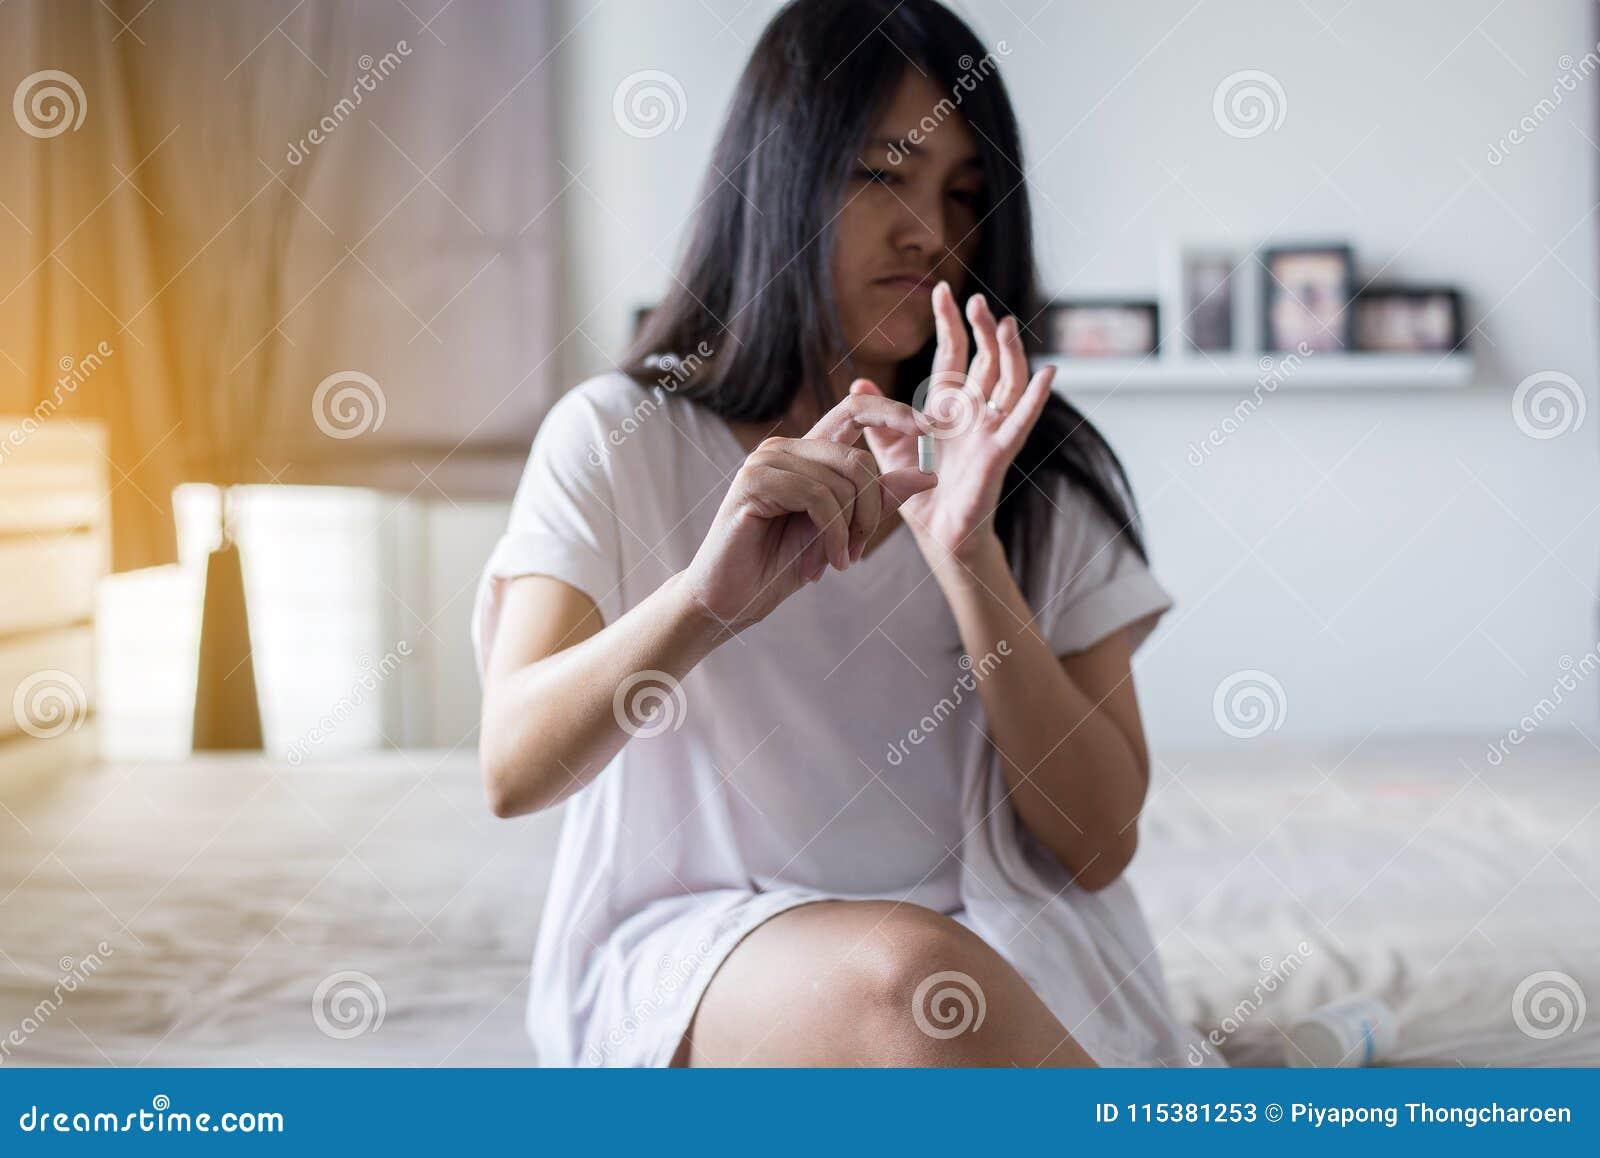 拿着医学,有药片的妇女手的女性手在溢出药片,但是不采取医学,情感面孔表示